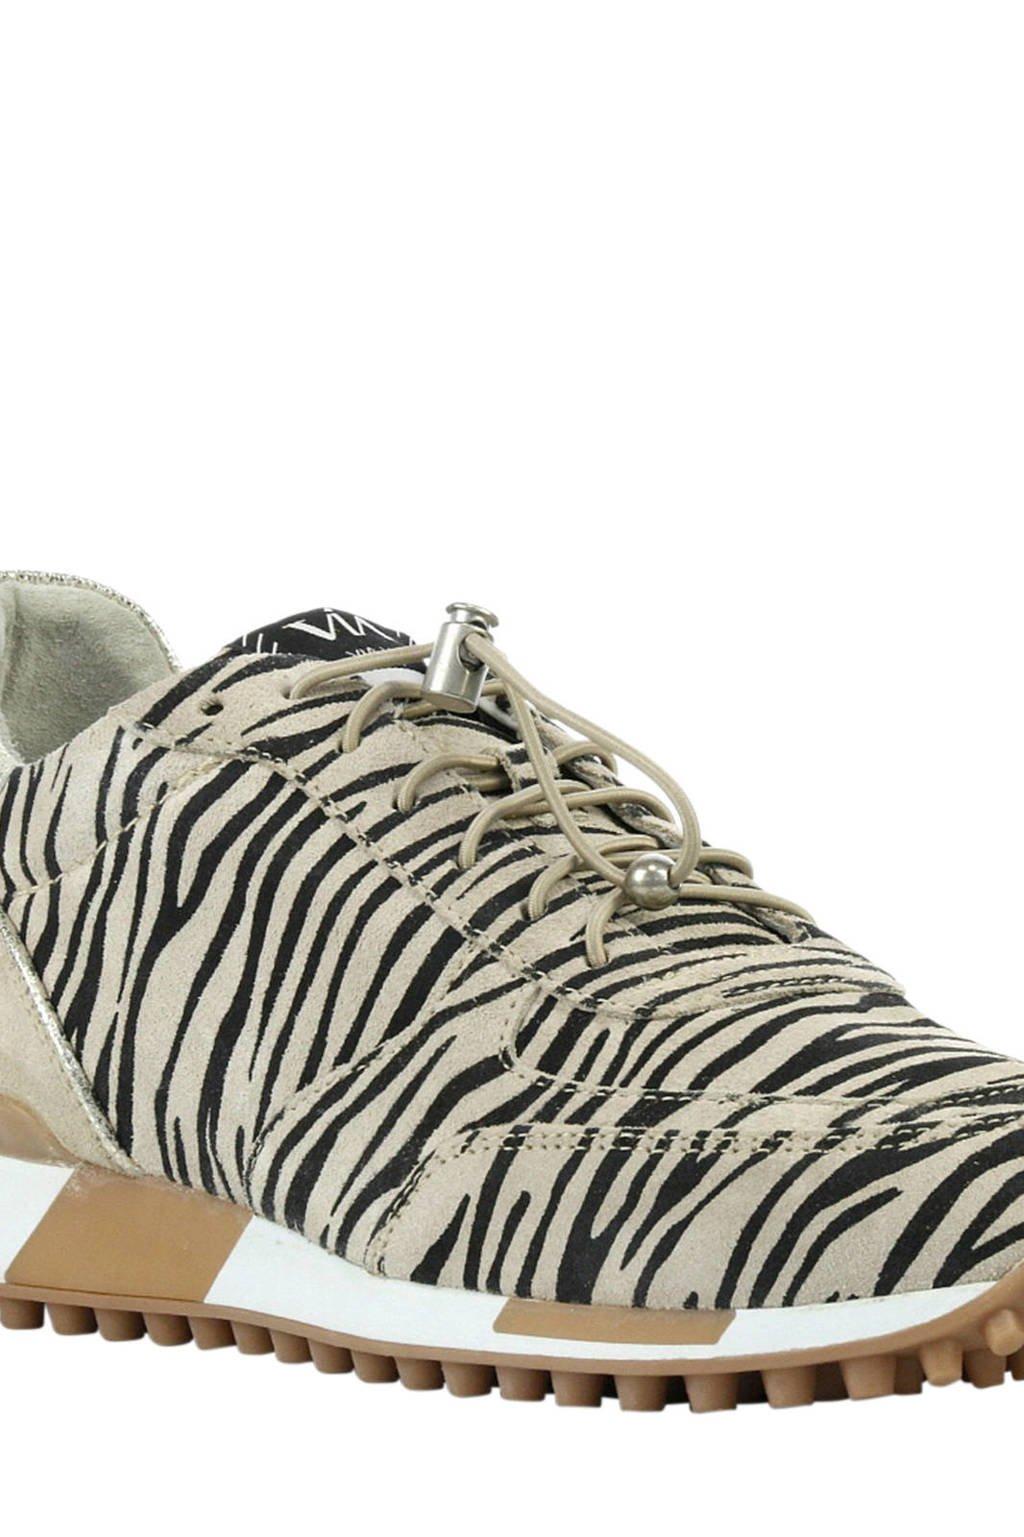 Via Vai 5107076-00 leren sneakers met zebraprint, Beige/zwart